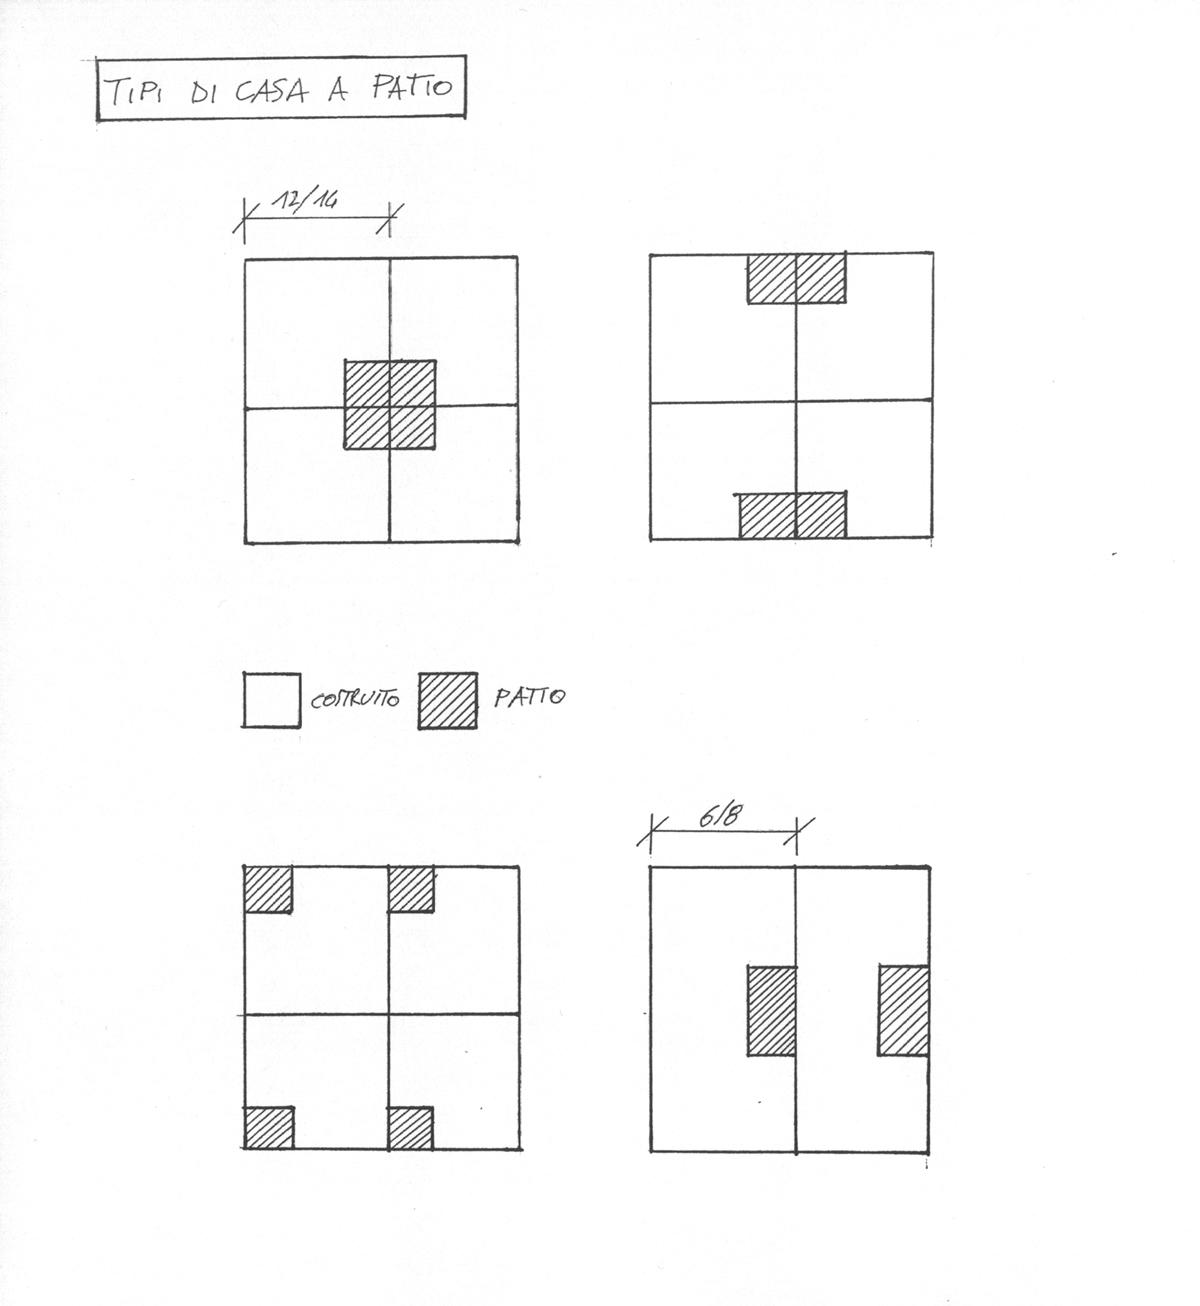 Tipi di casa tipi di modifica wikitesto free img tipi di for Diversi tipi di case da costruire